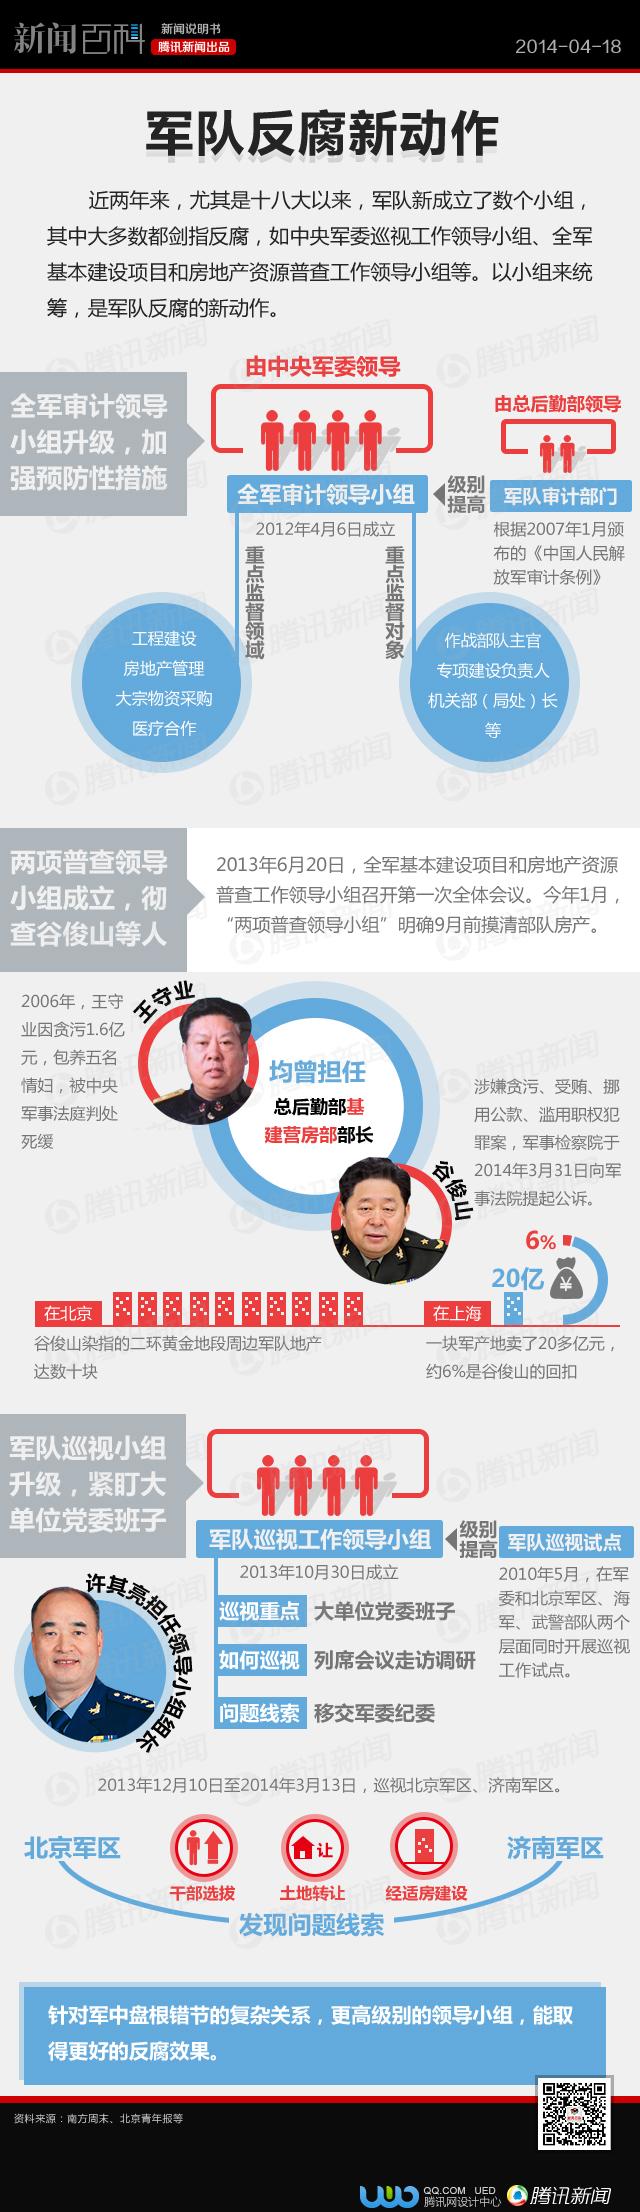 【看图说话】小组统筹:军队反腐新动作 - 纳兰容若 - 纳兰容若